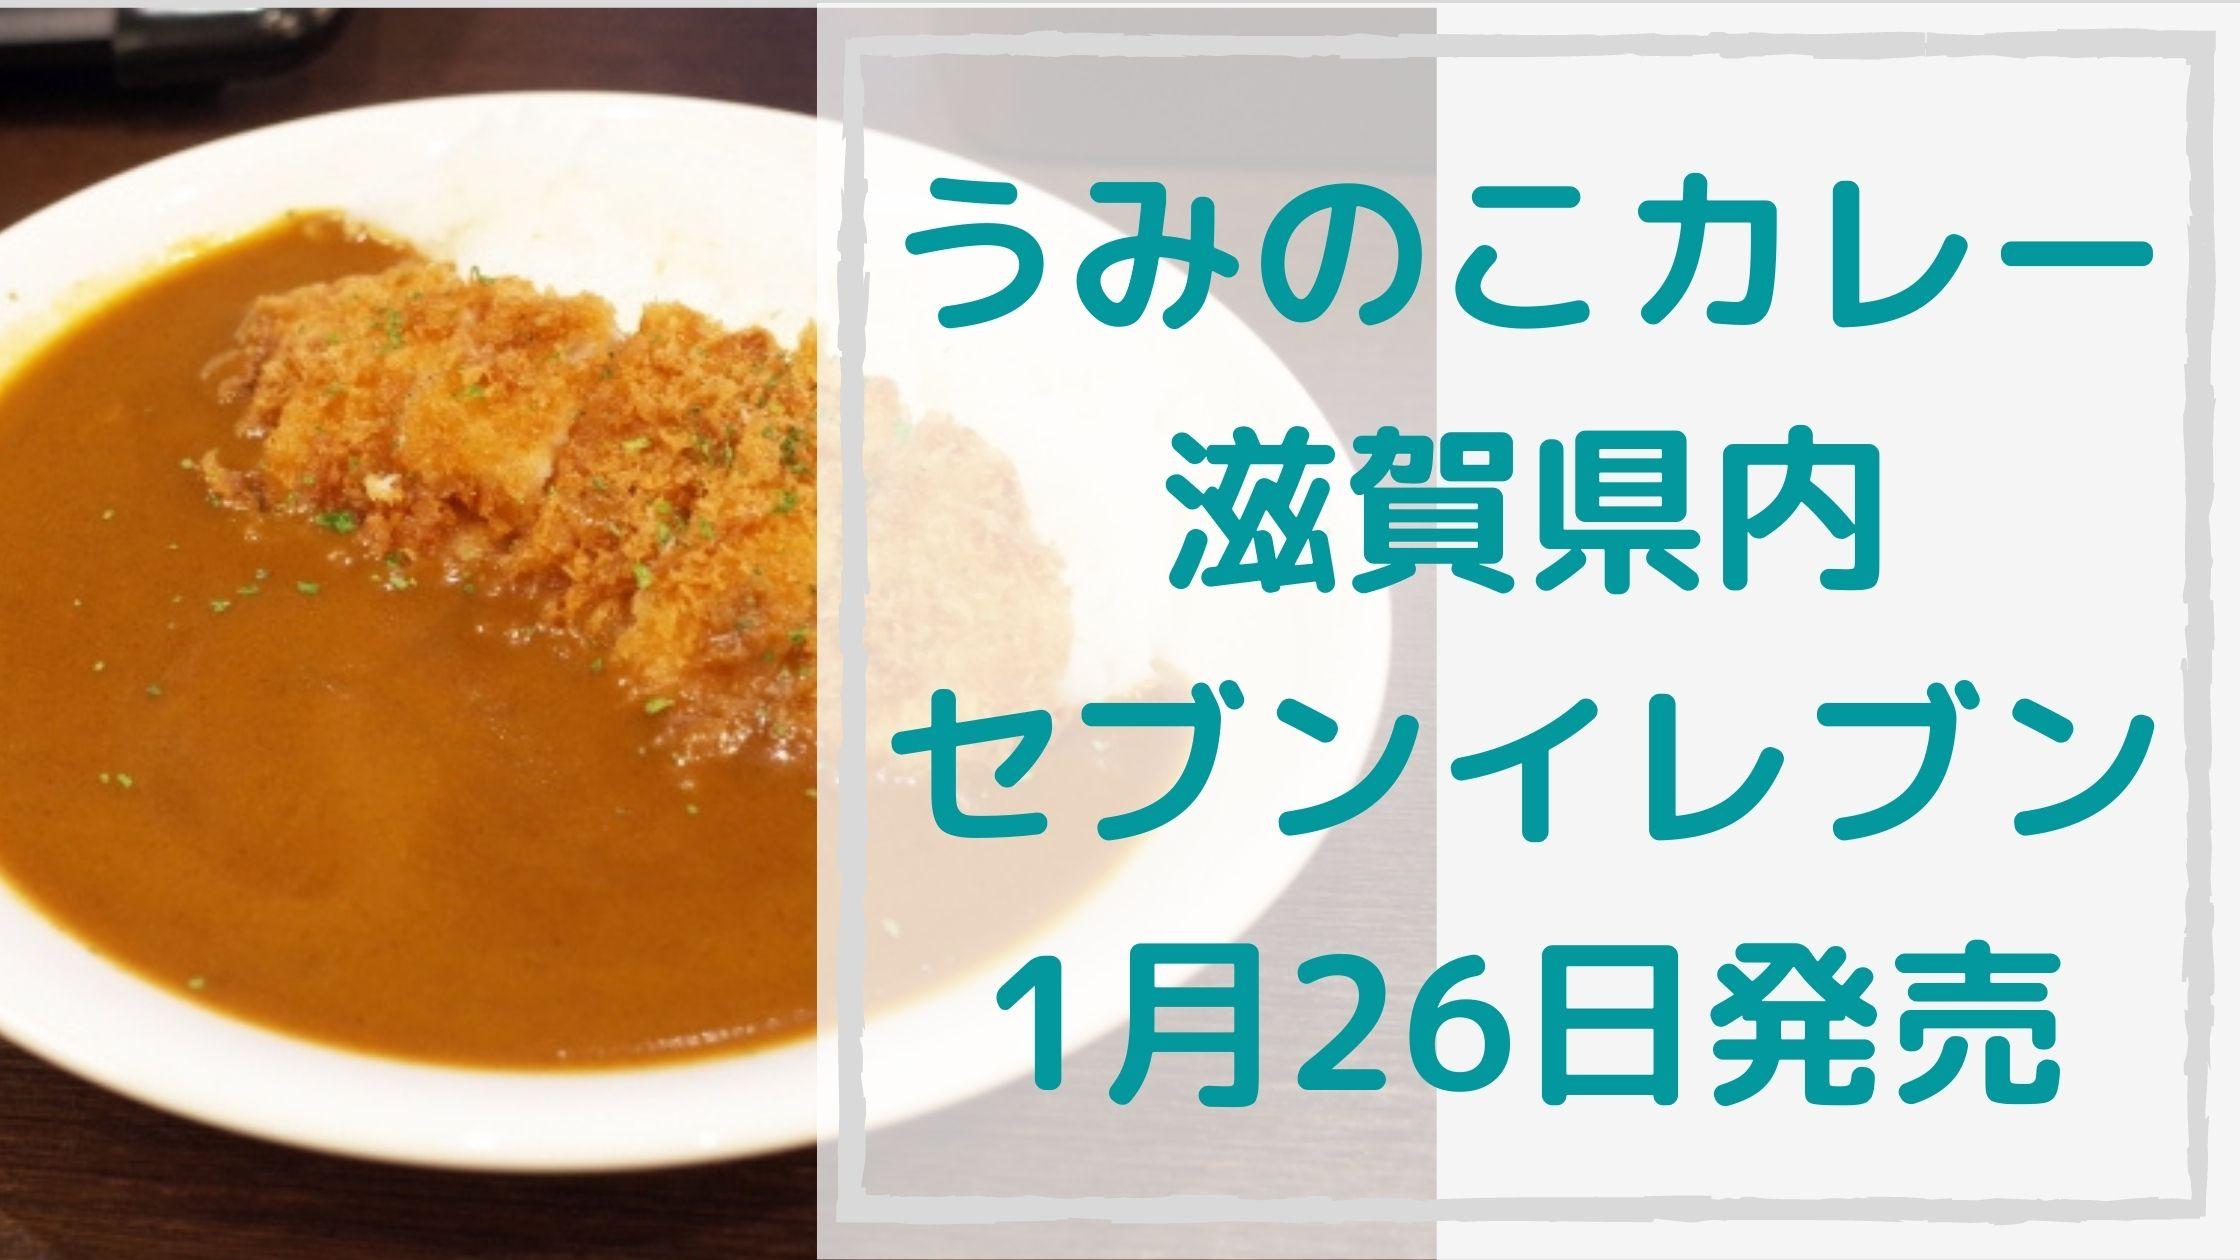 うみのこカレー 滋賀のセブンイレブンで1月26日発売 思い出の味は県外でも買える?